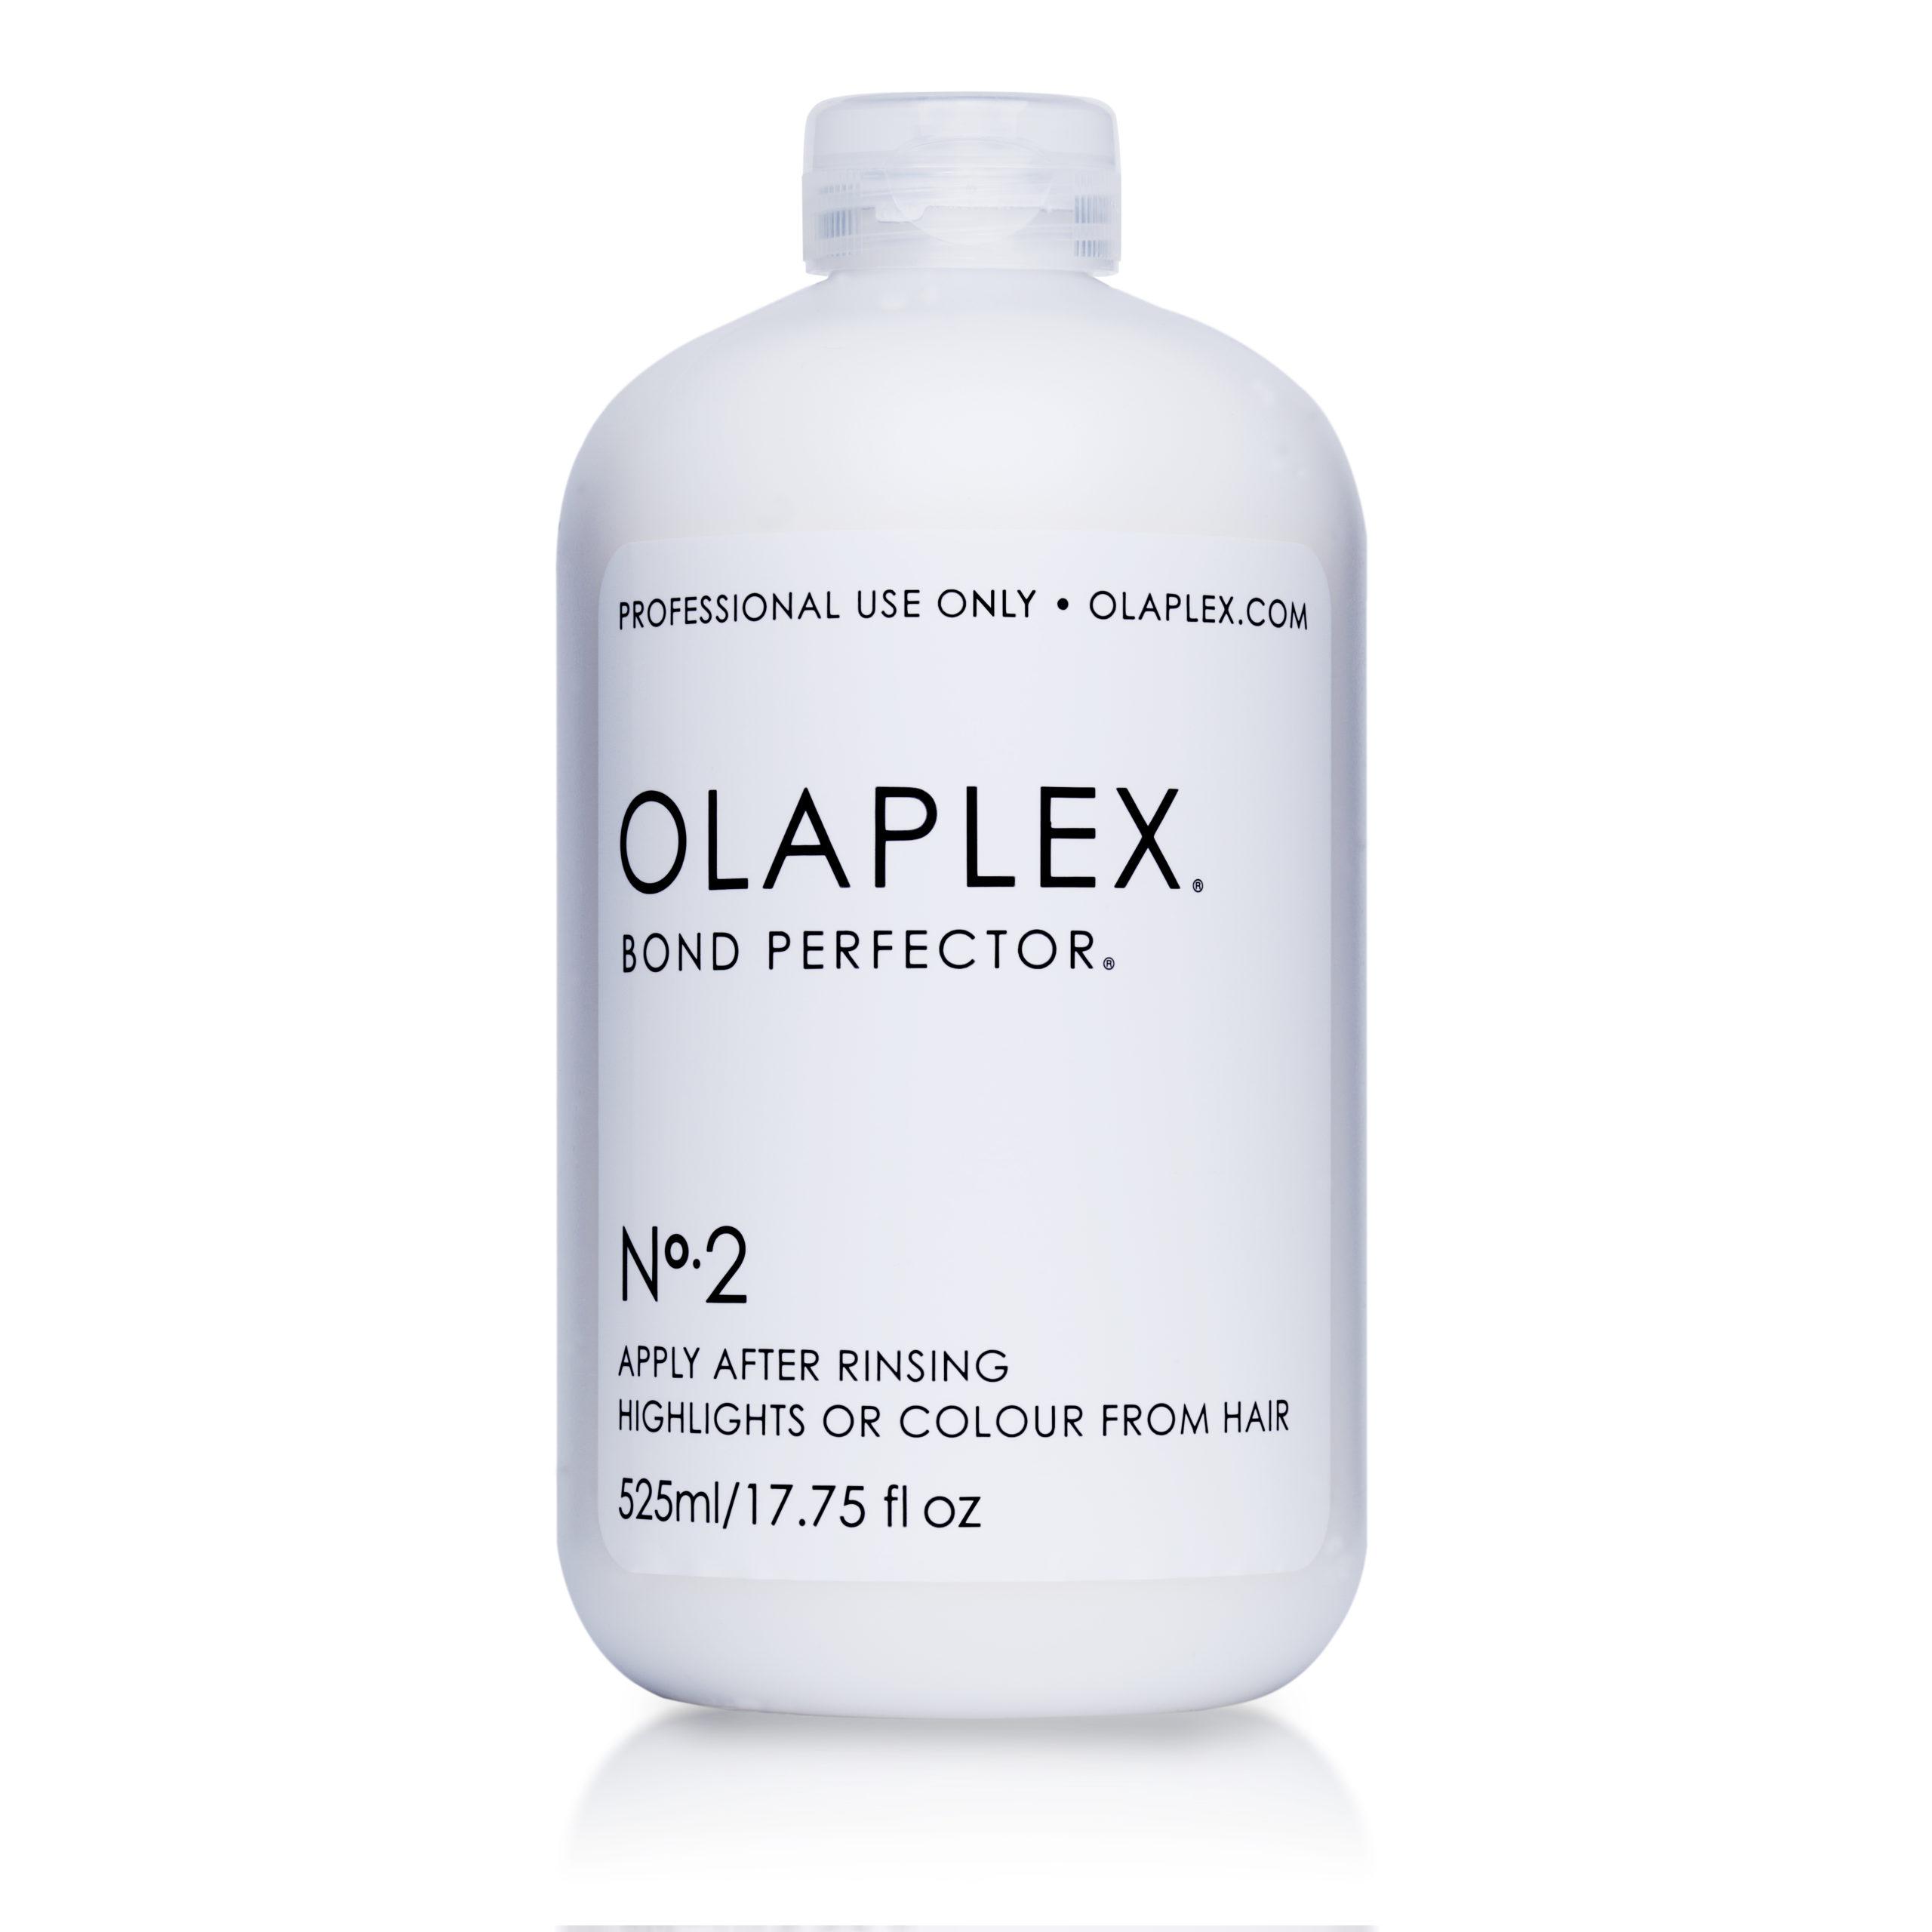 OLAPLEX_No.2 Salon Intro Kit